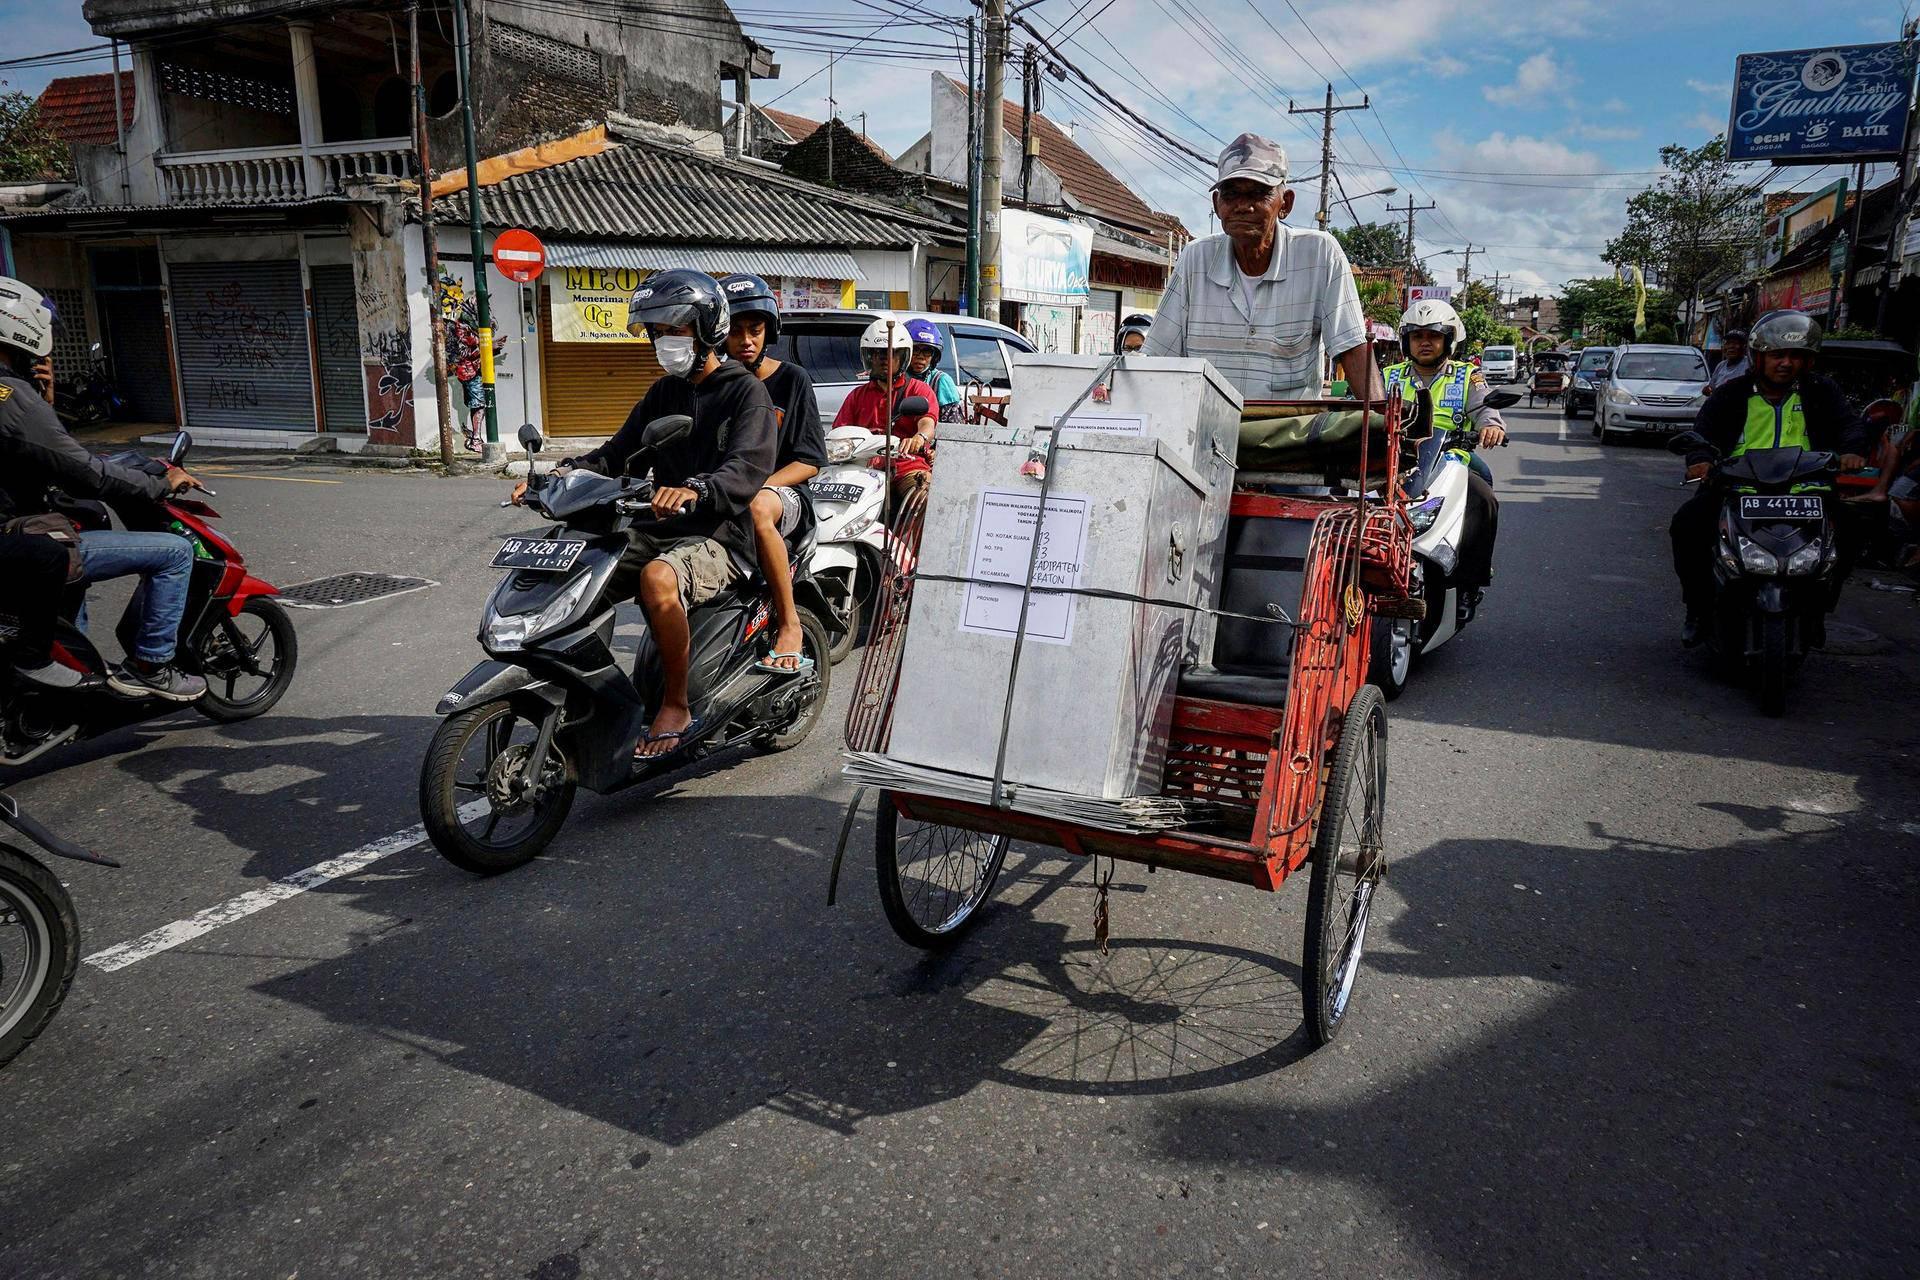 Mies kuljetti äänestyslaatikoita poliisisaattueessa Yogyakartassa Indonesiassa.